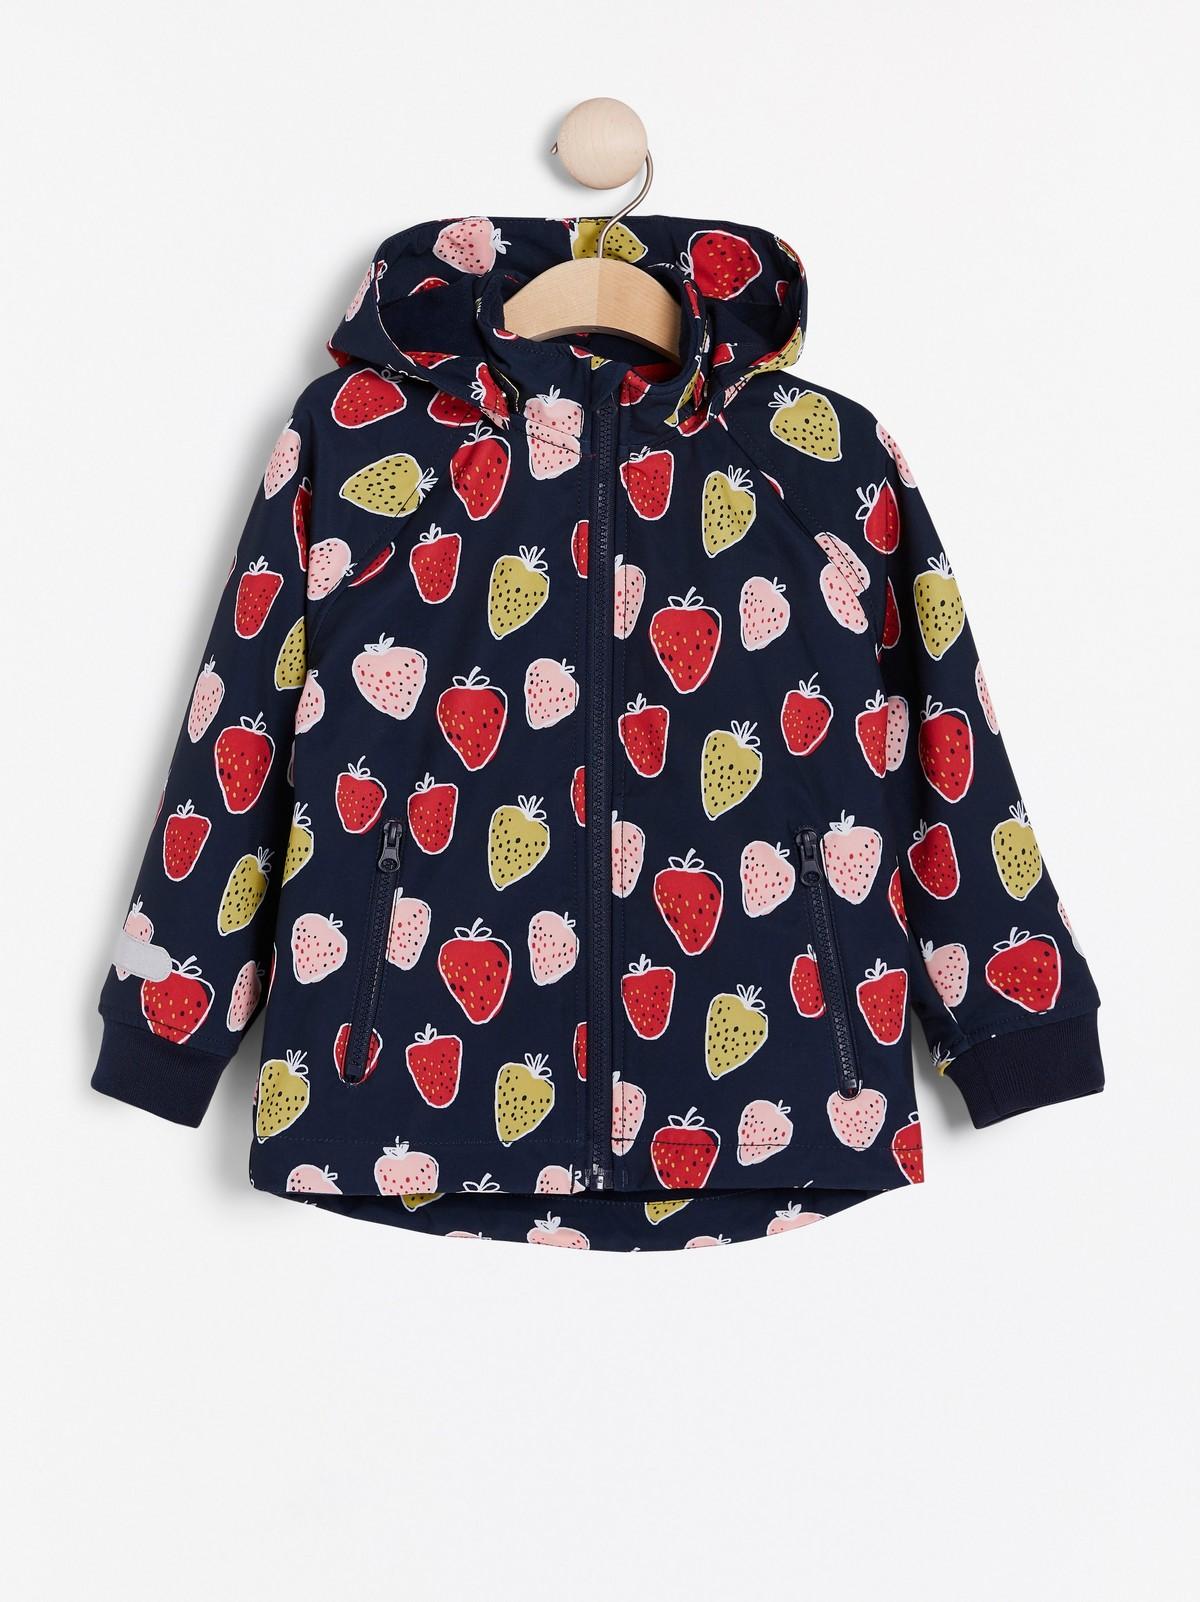 Softshell takki, jossa mansikkakuvio | Lindex